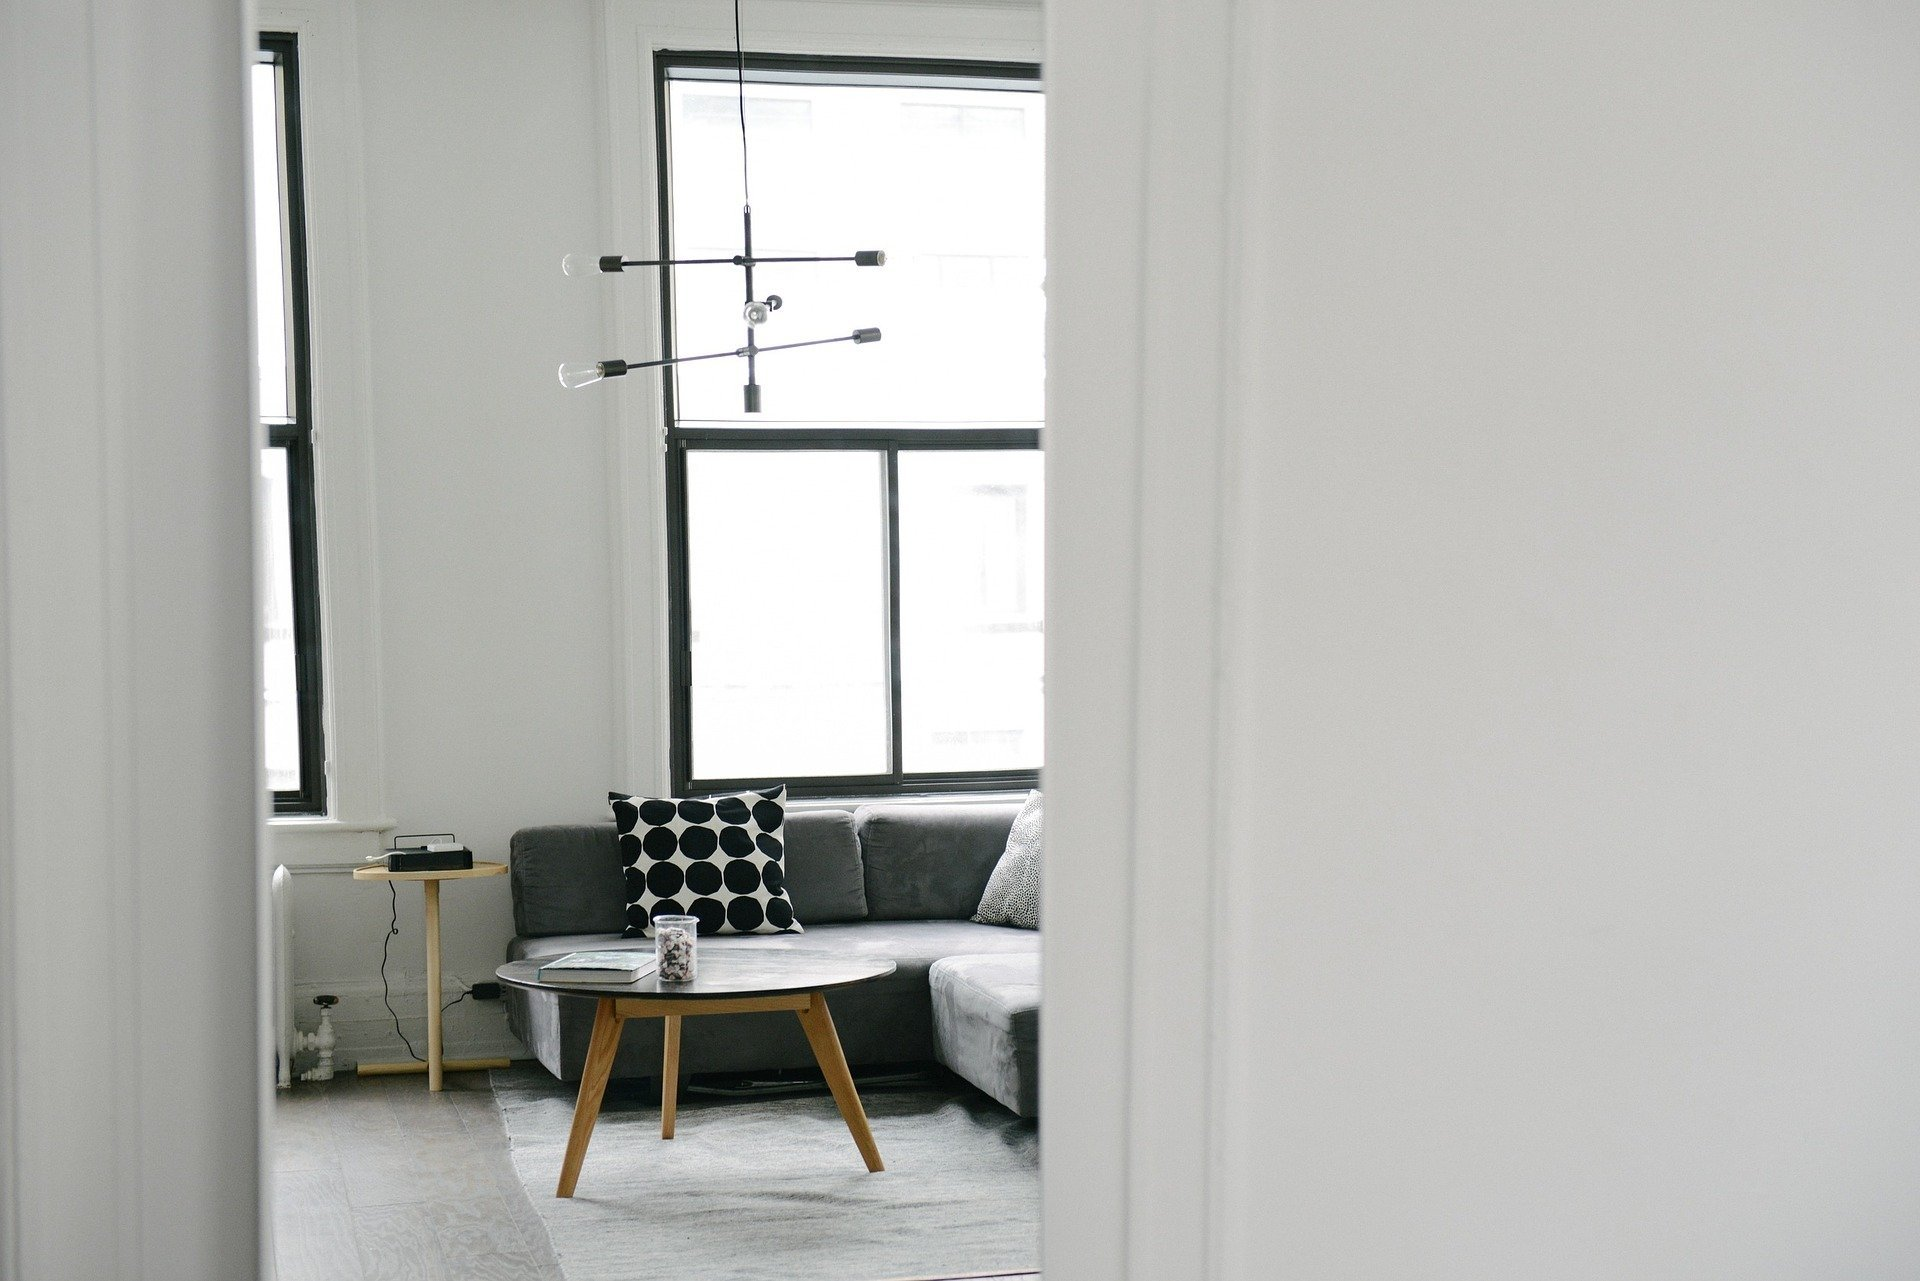 Mikroapartament – czy to jeszcze mieszkanie?